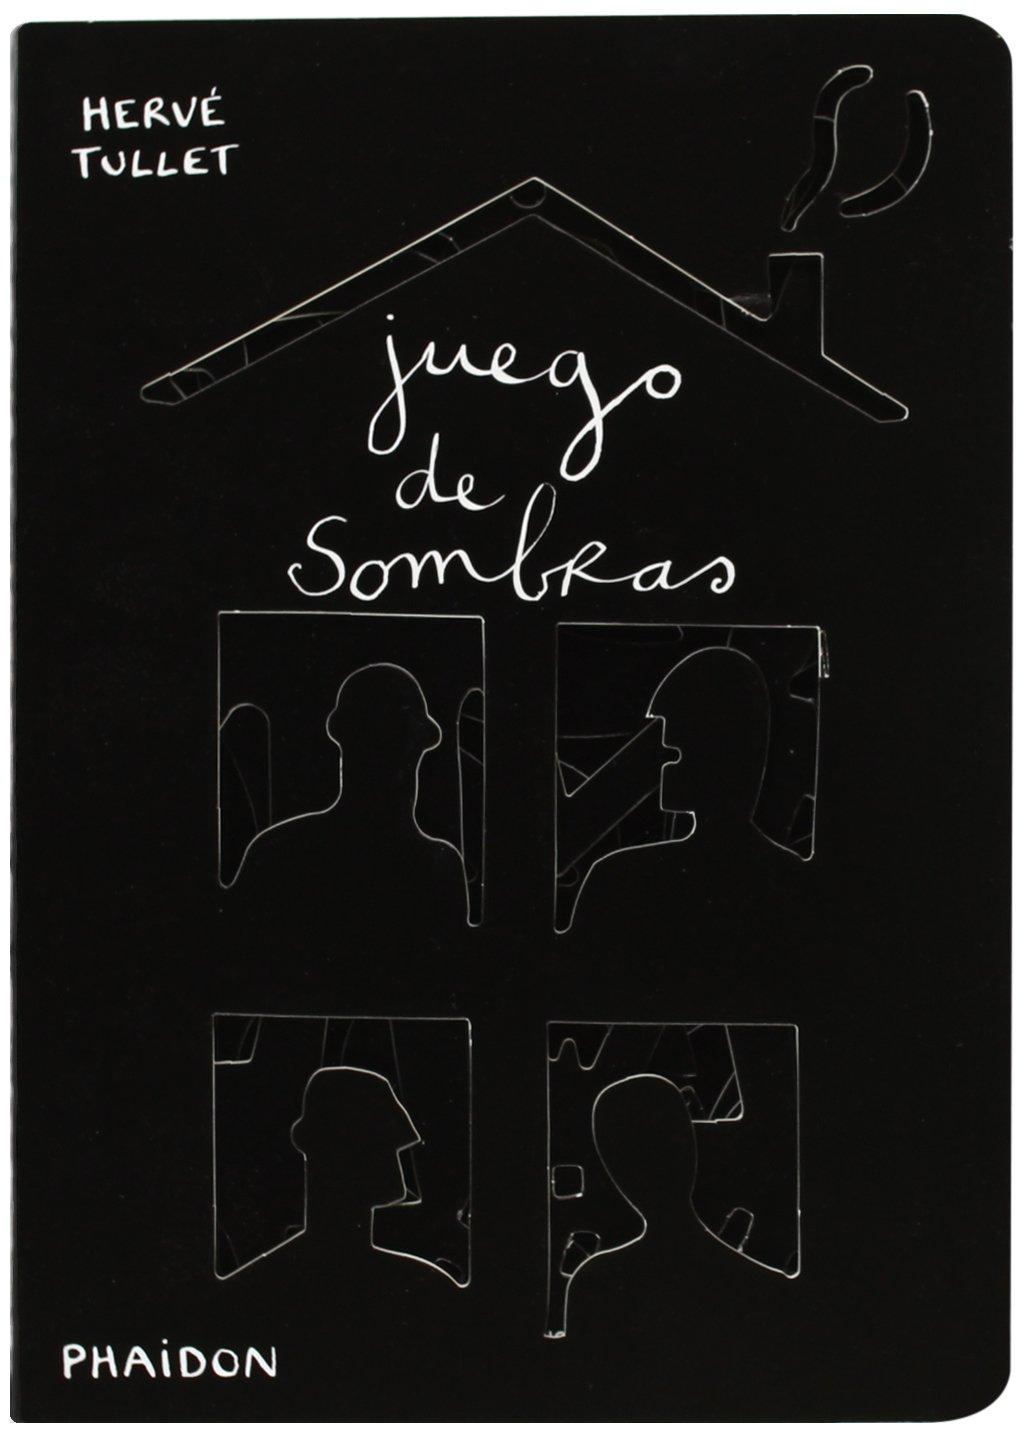 Juego De Sombras: Amazon.es: Vv.Aa.: Libros